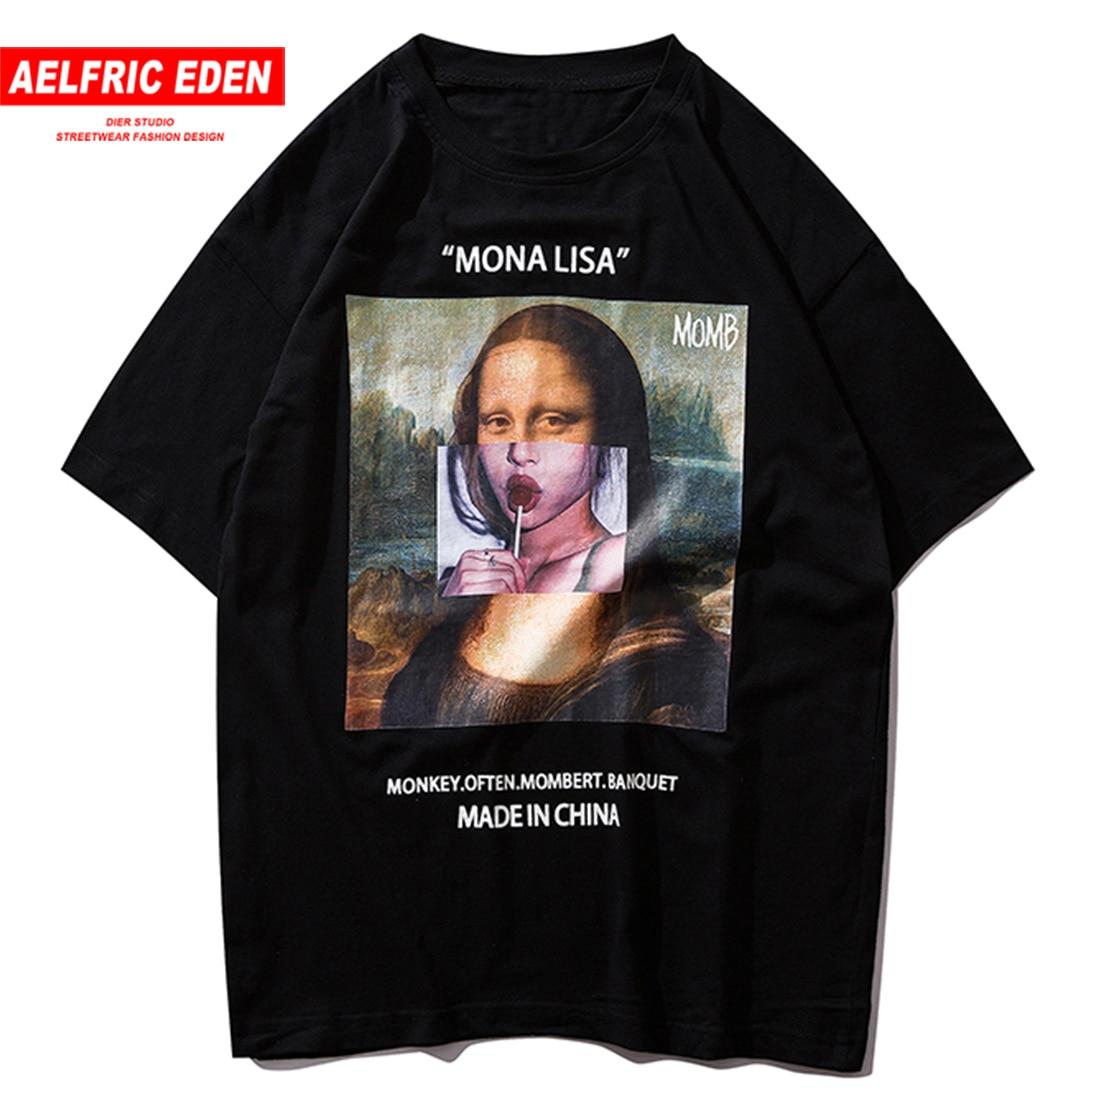 Eden Aelfric Hip Hop Engraçado Mona Lisa T Shirt Dos Homens do Algodão Moda Streetwear Harajuku Camiseta Manga Curta Tops Tees Hipster dos ganhos